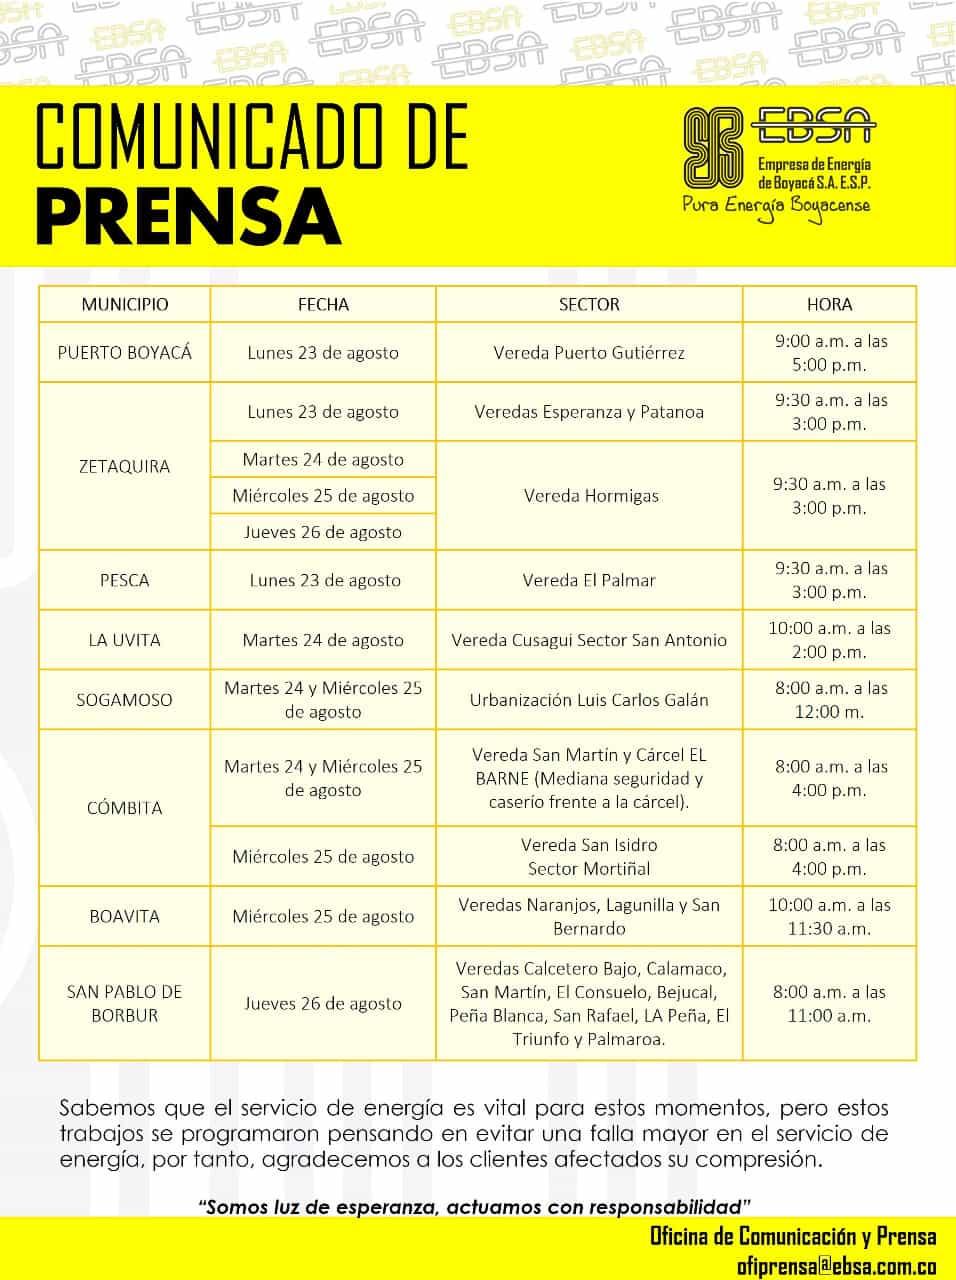 Mantenimientos programados a la infraestructura eléctrica en Boyacá para la siguiente semana 2